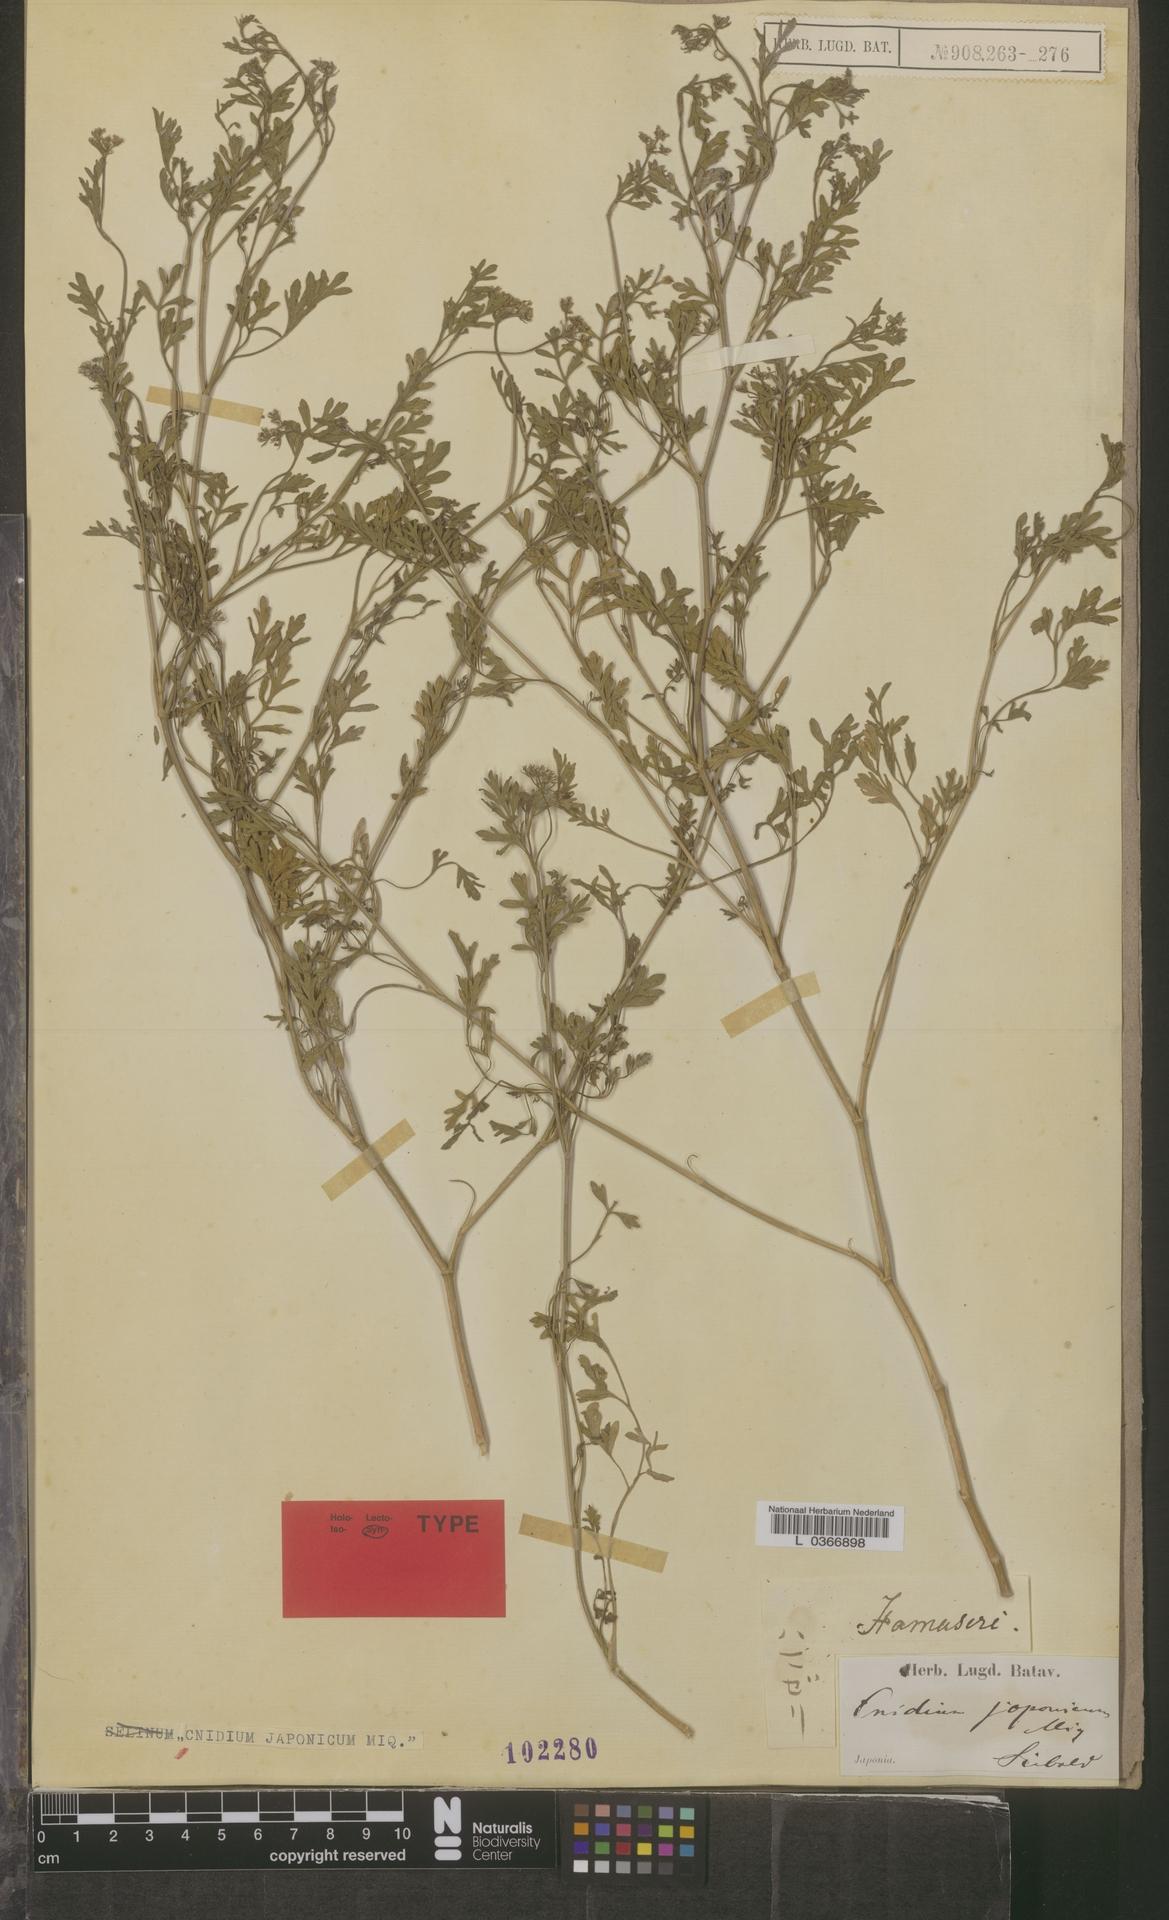 L  0366898 | Cnidium japonicum Miq.